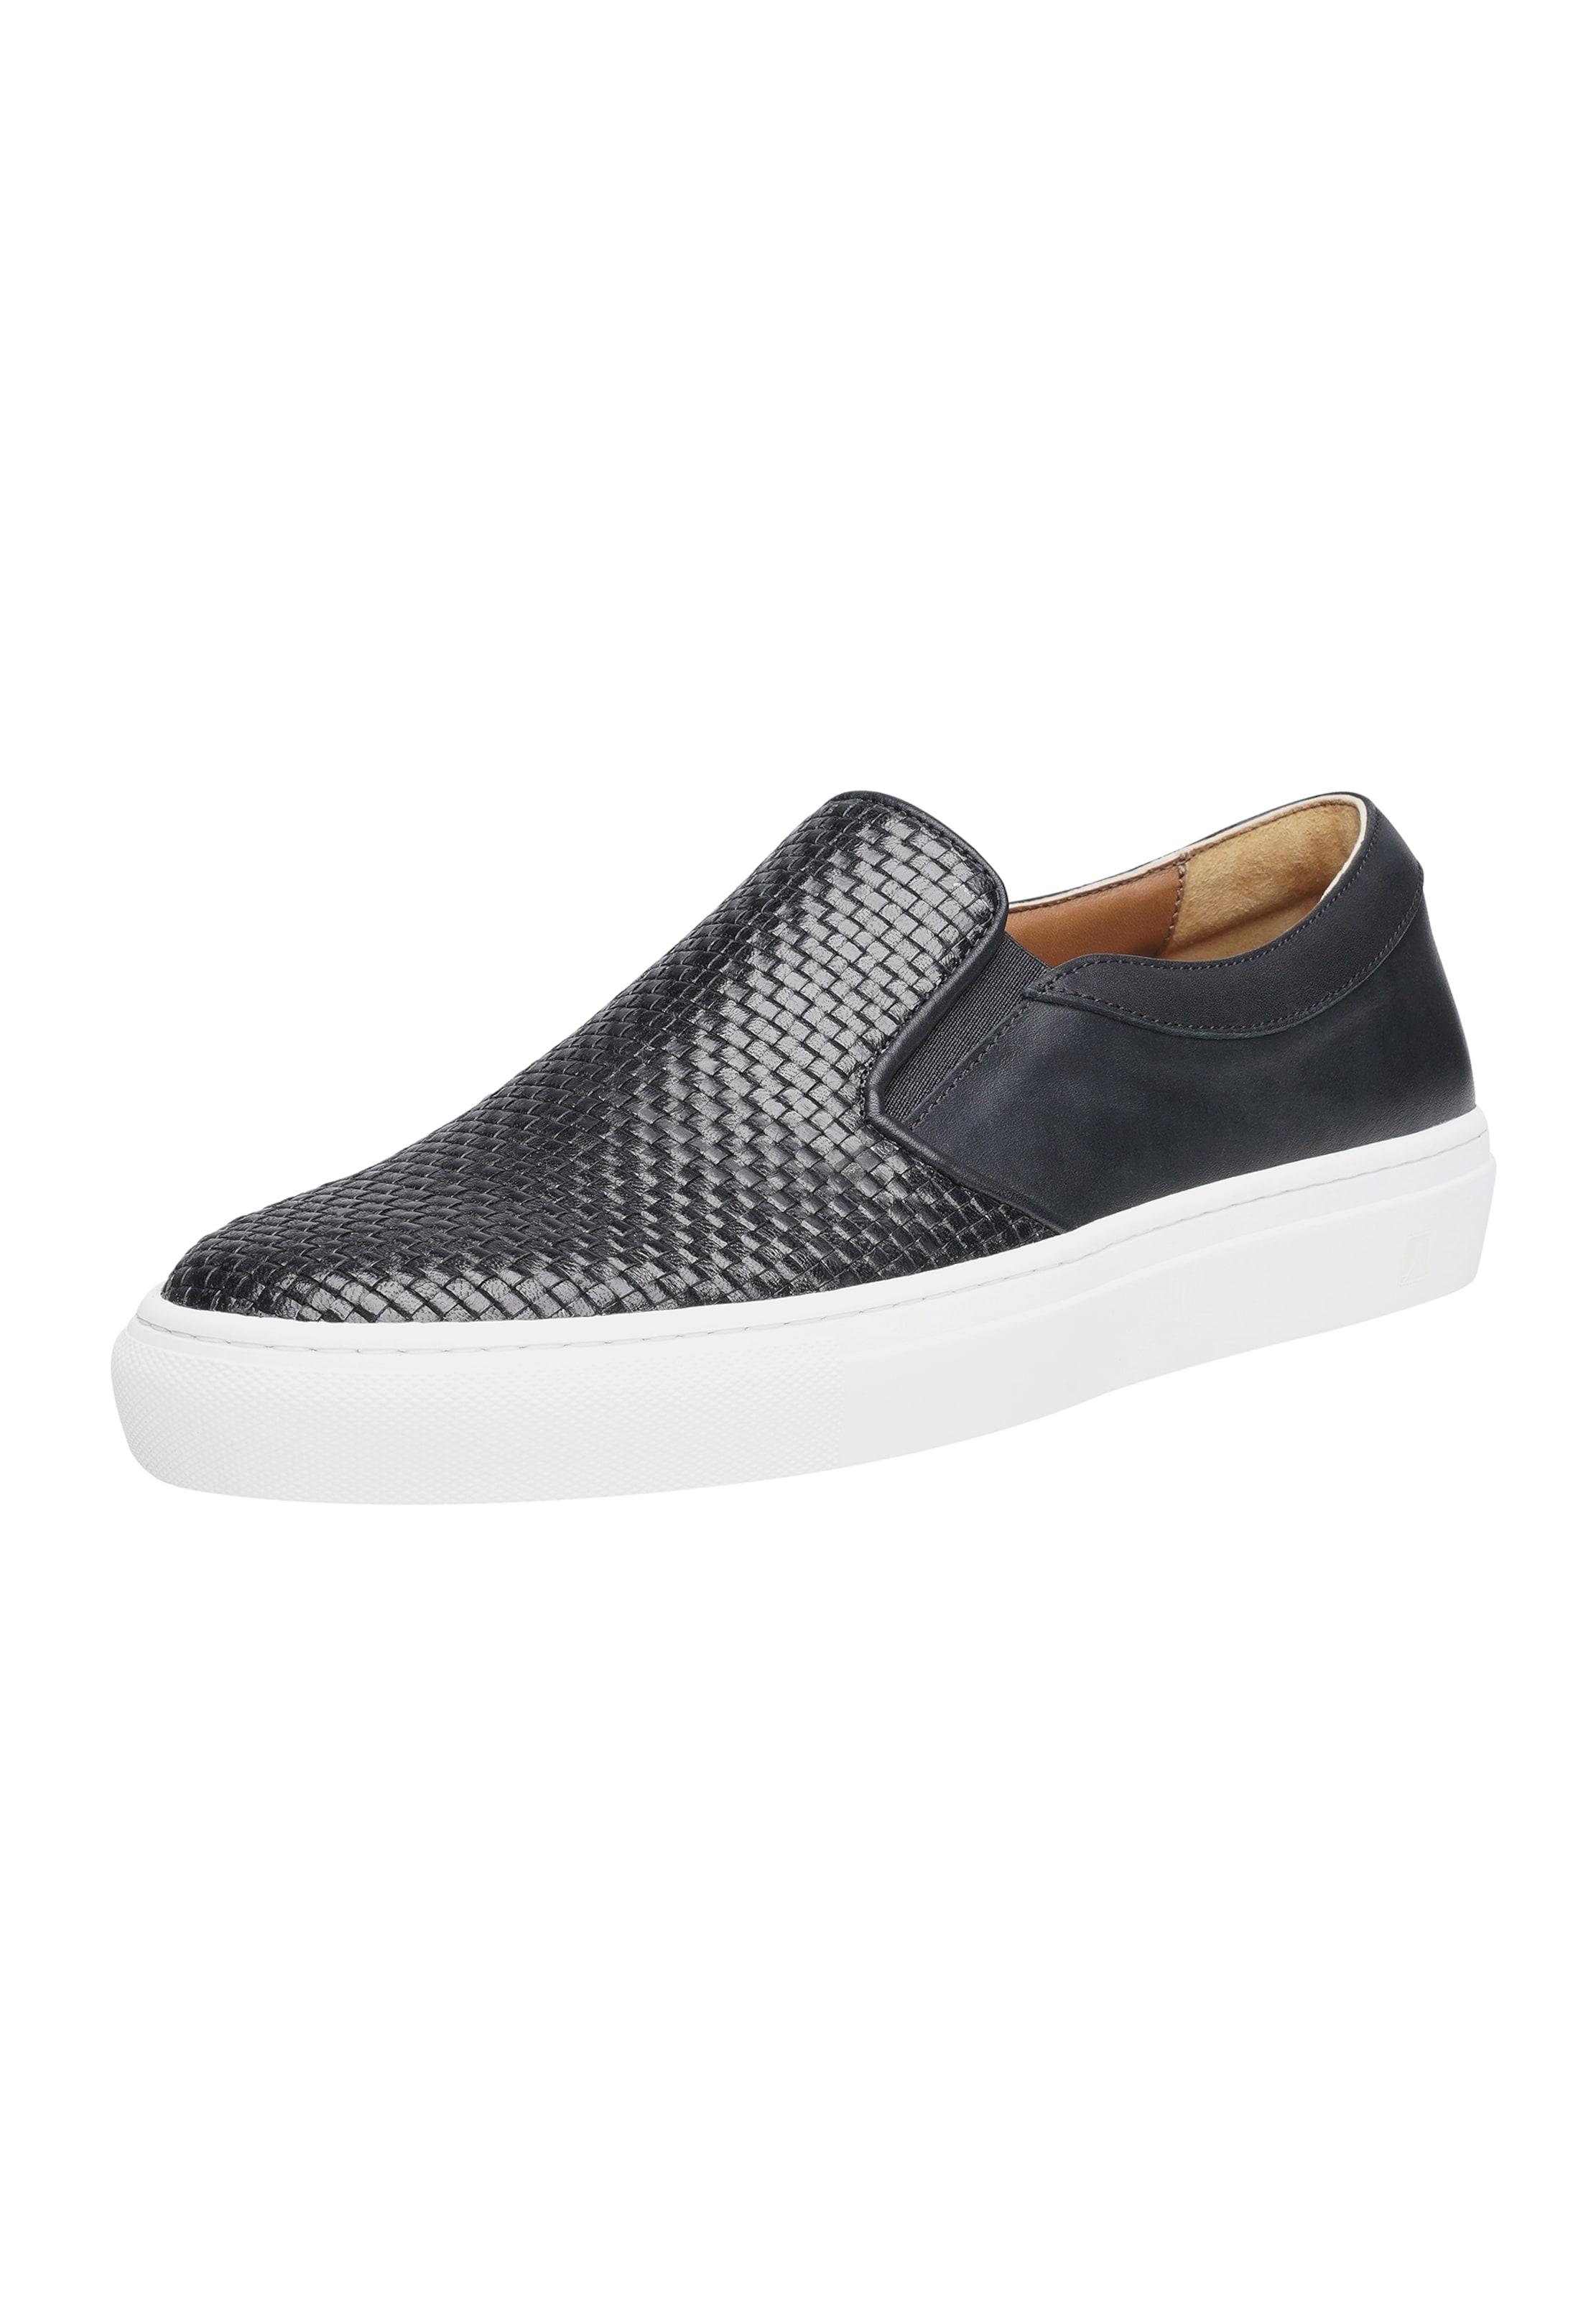 Shoepassion 'no85 Schwarz Ms' In Sneaker wOlXkTPZiu